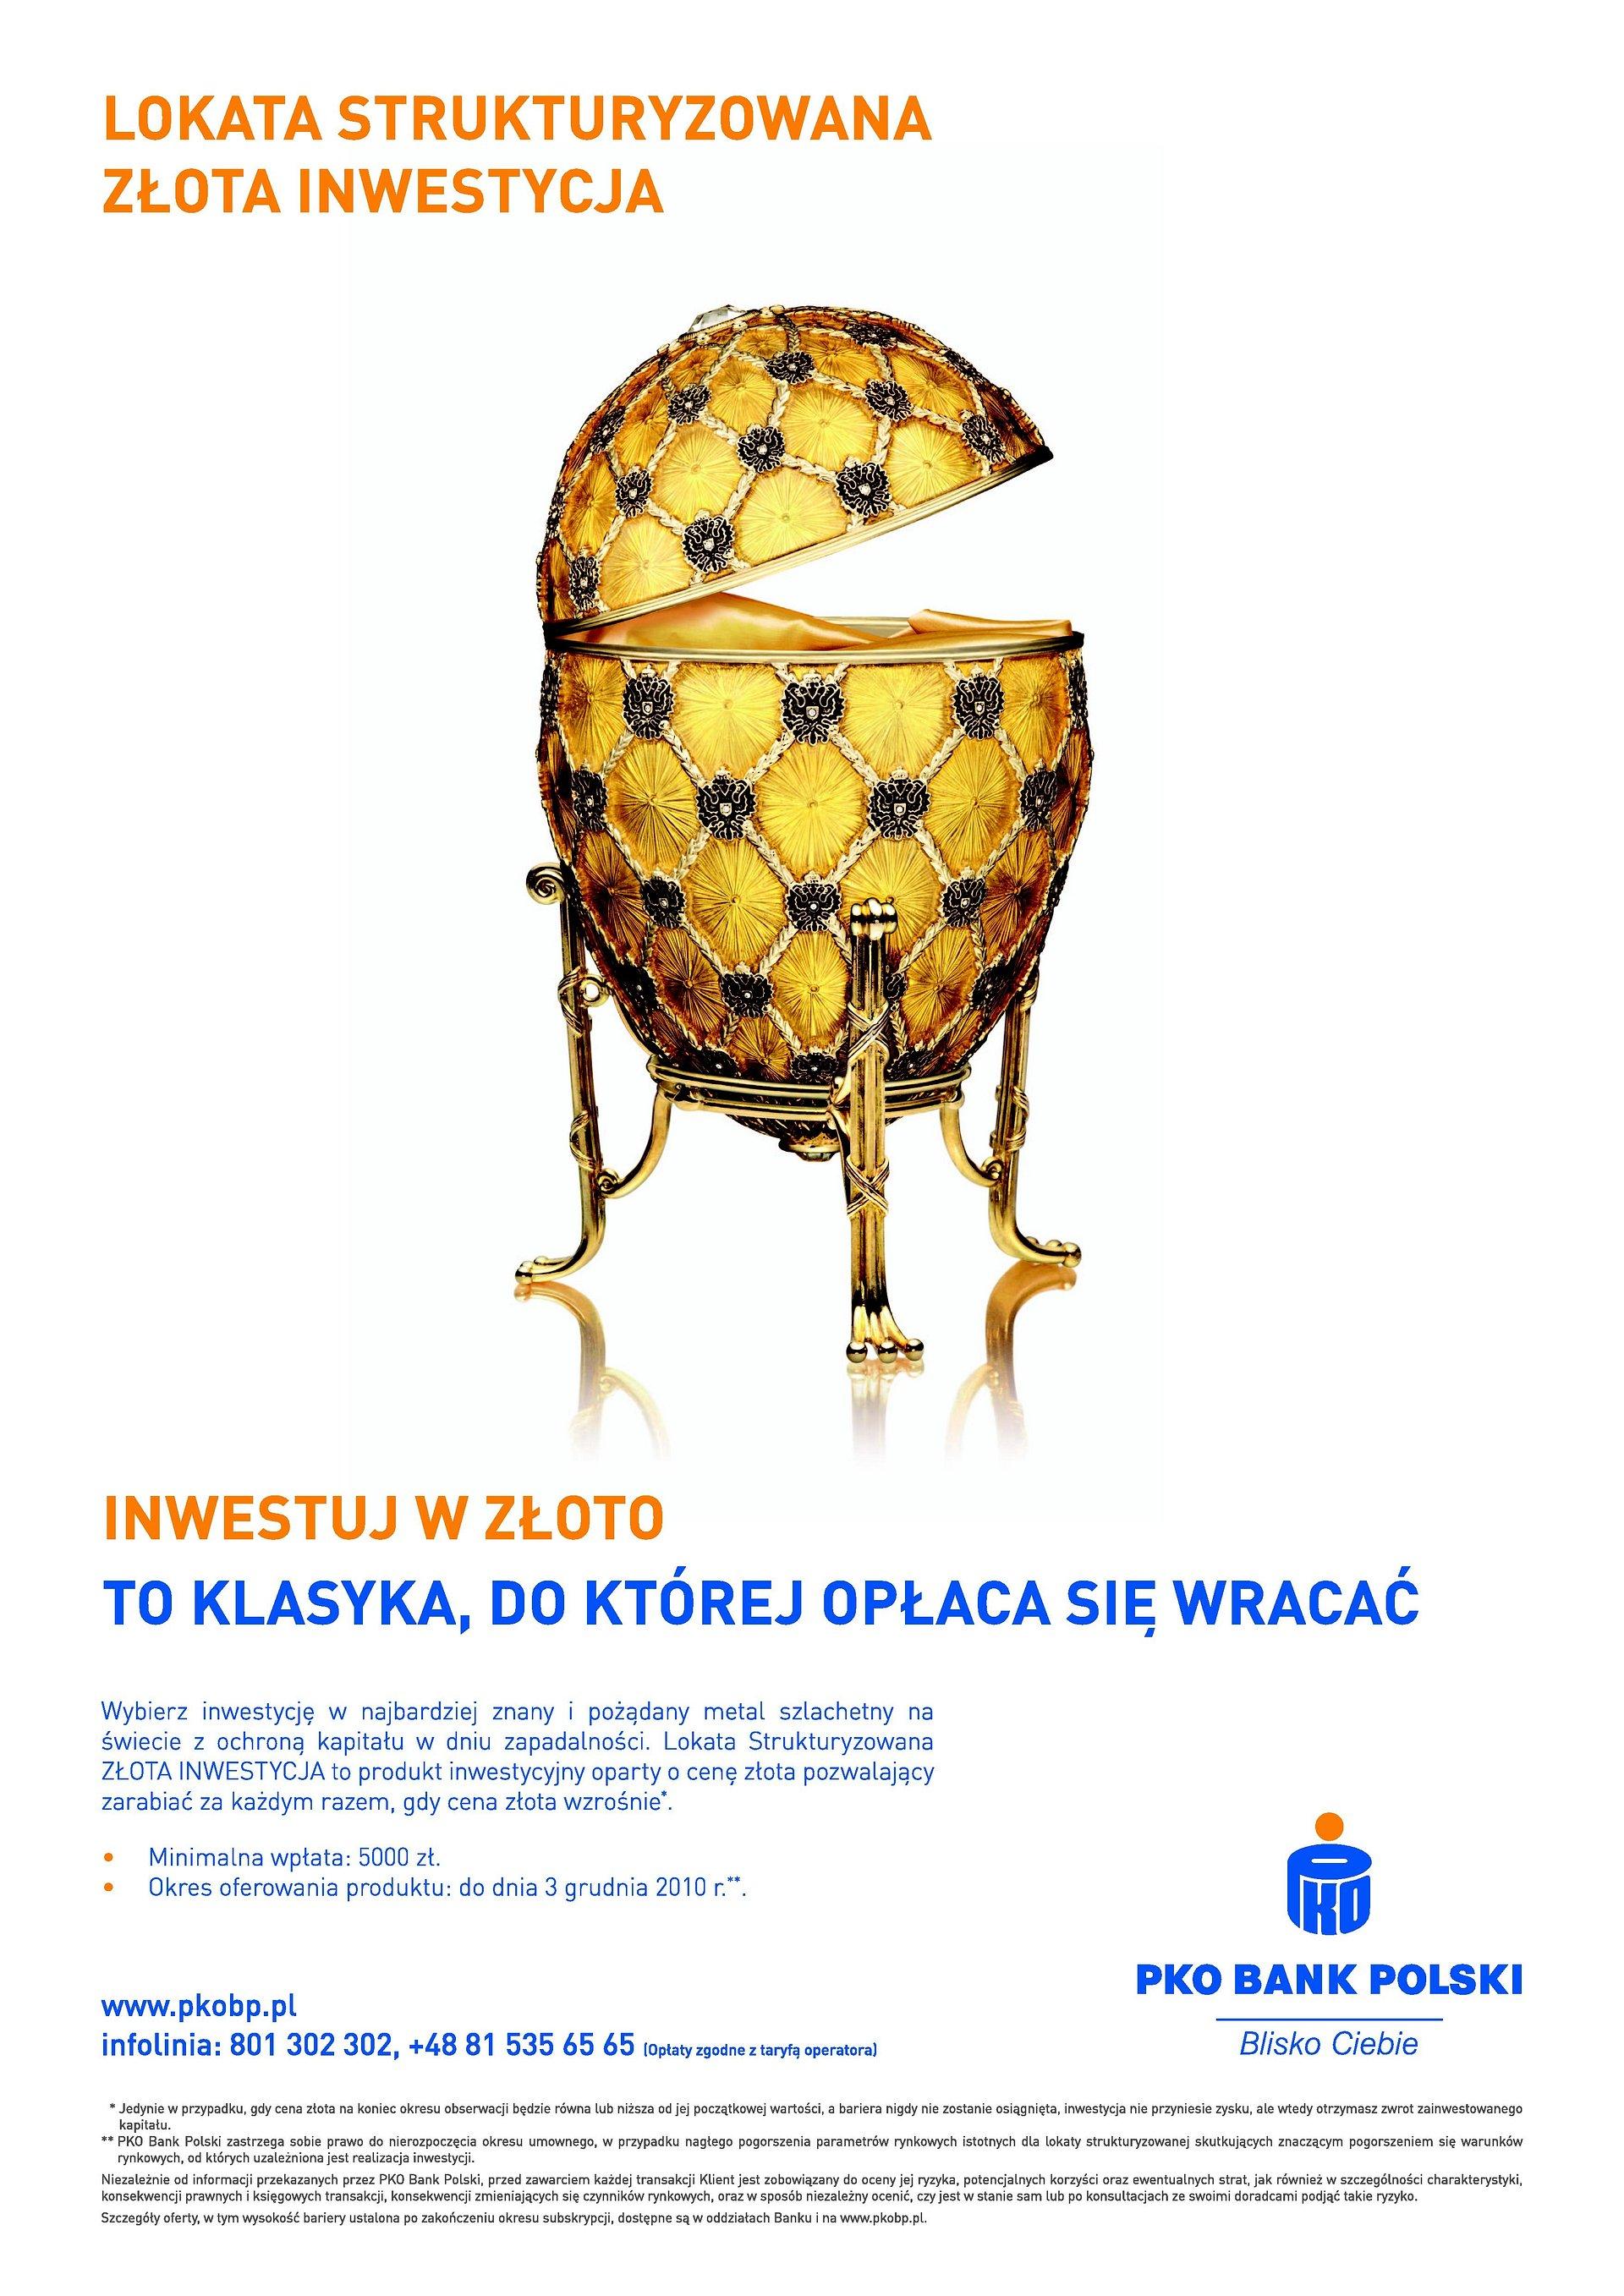 Lokata strukturyzowana oparta o cenę złota w ofercie PKO Banku Polskiego